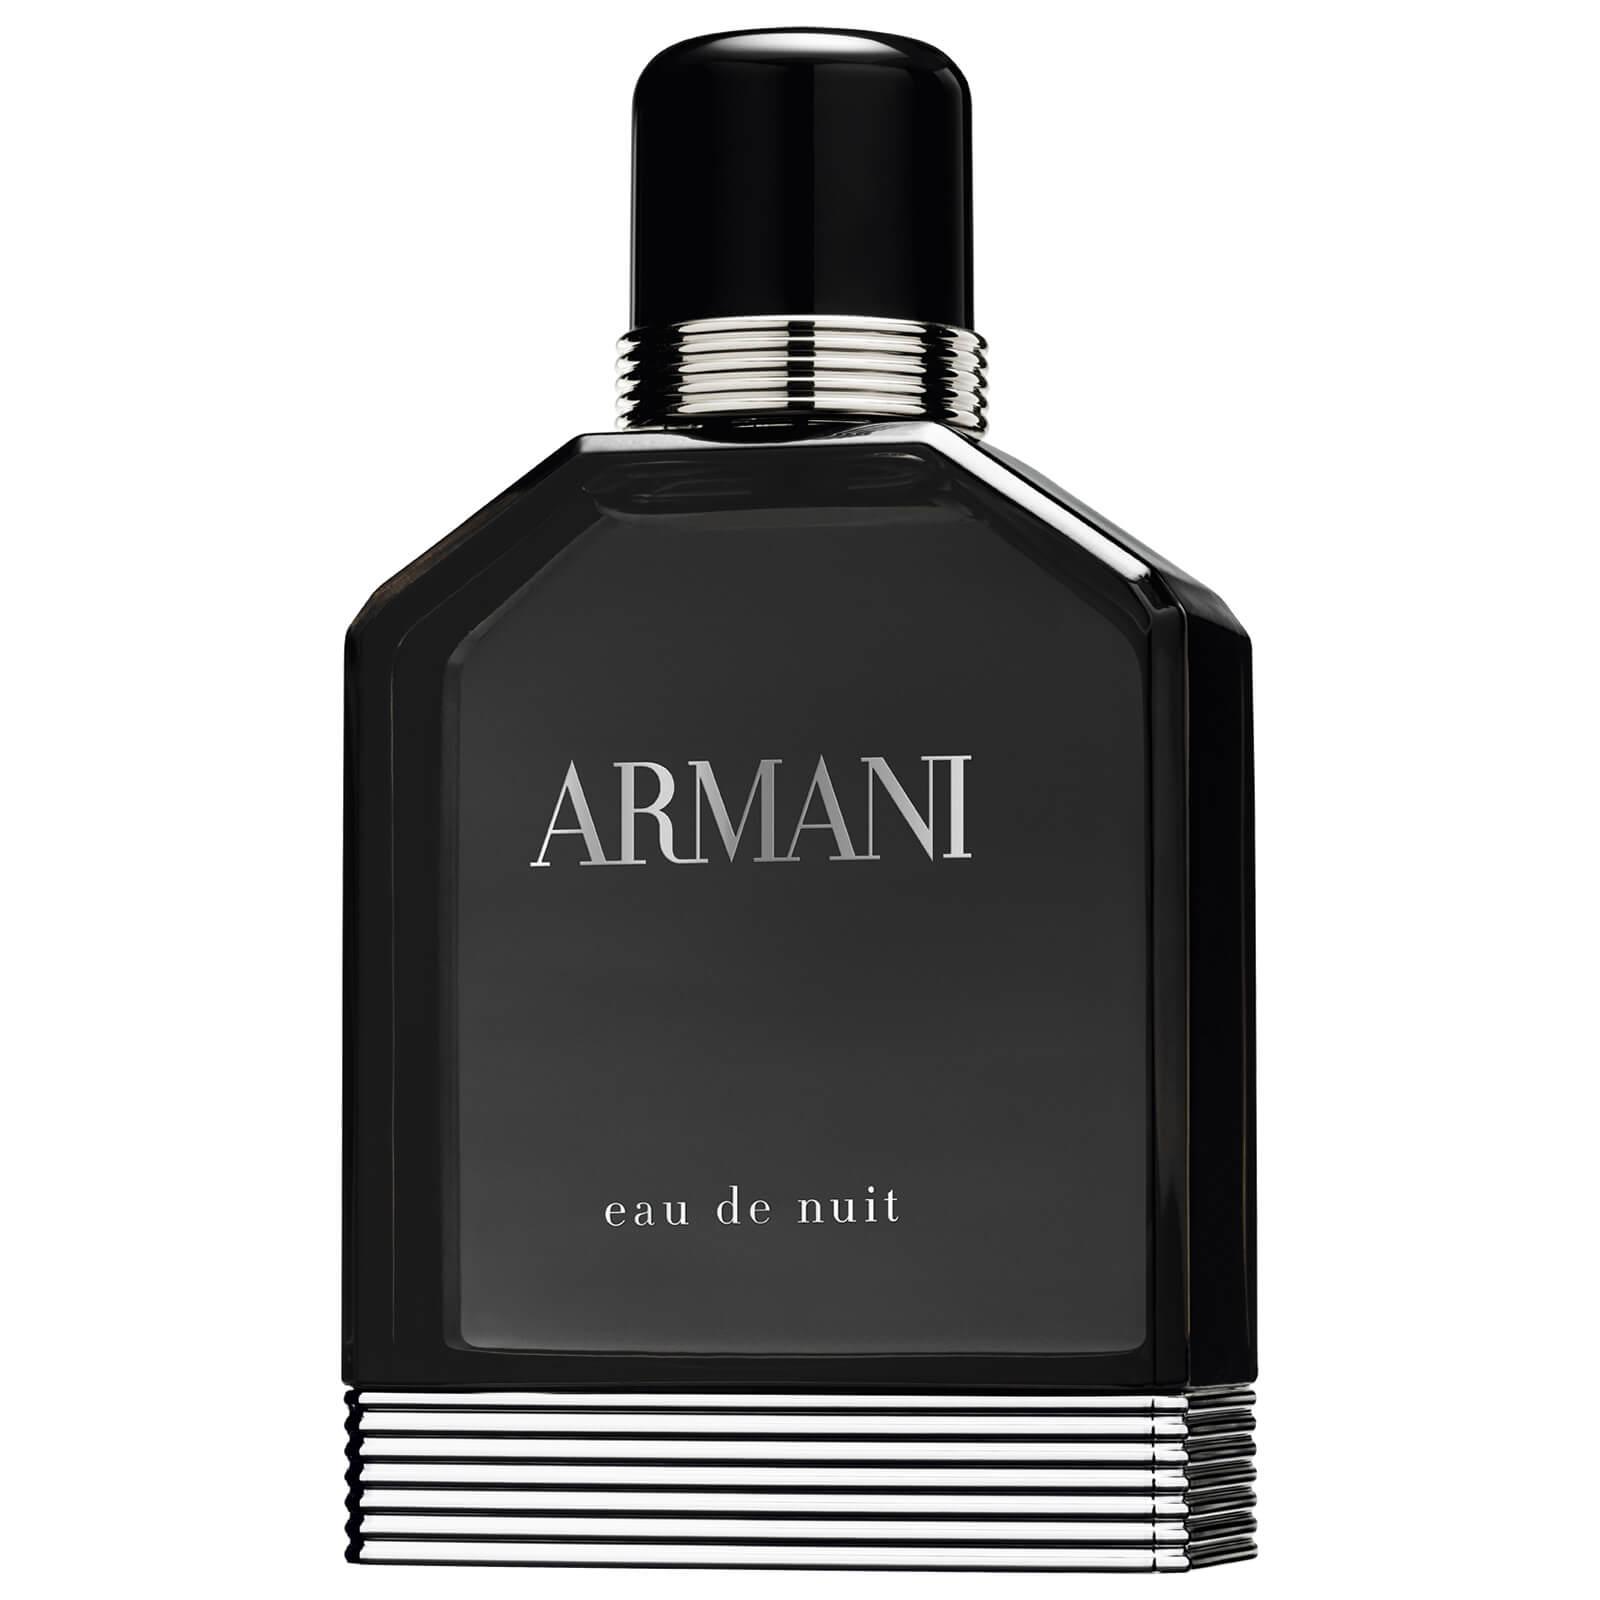 Armani Eau de Nuit Eau de Toilette (Various Sizes) - 100ml